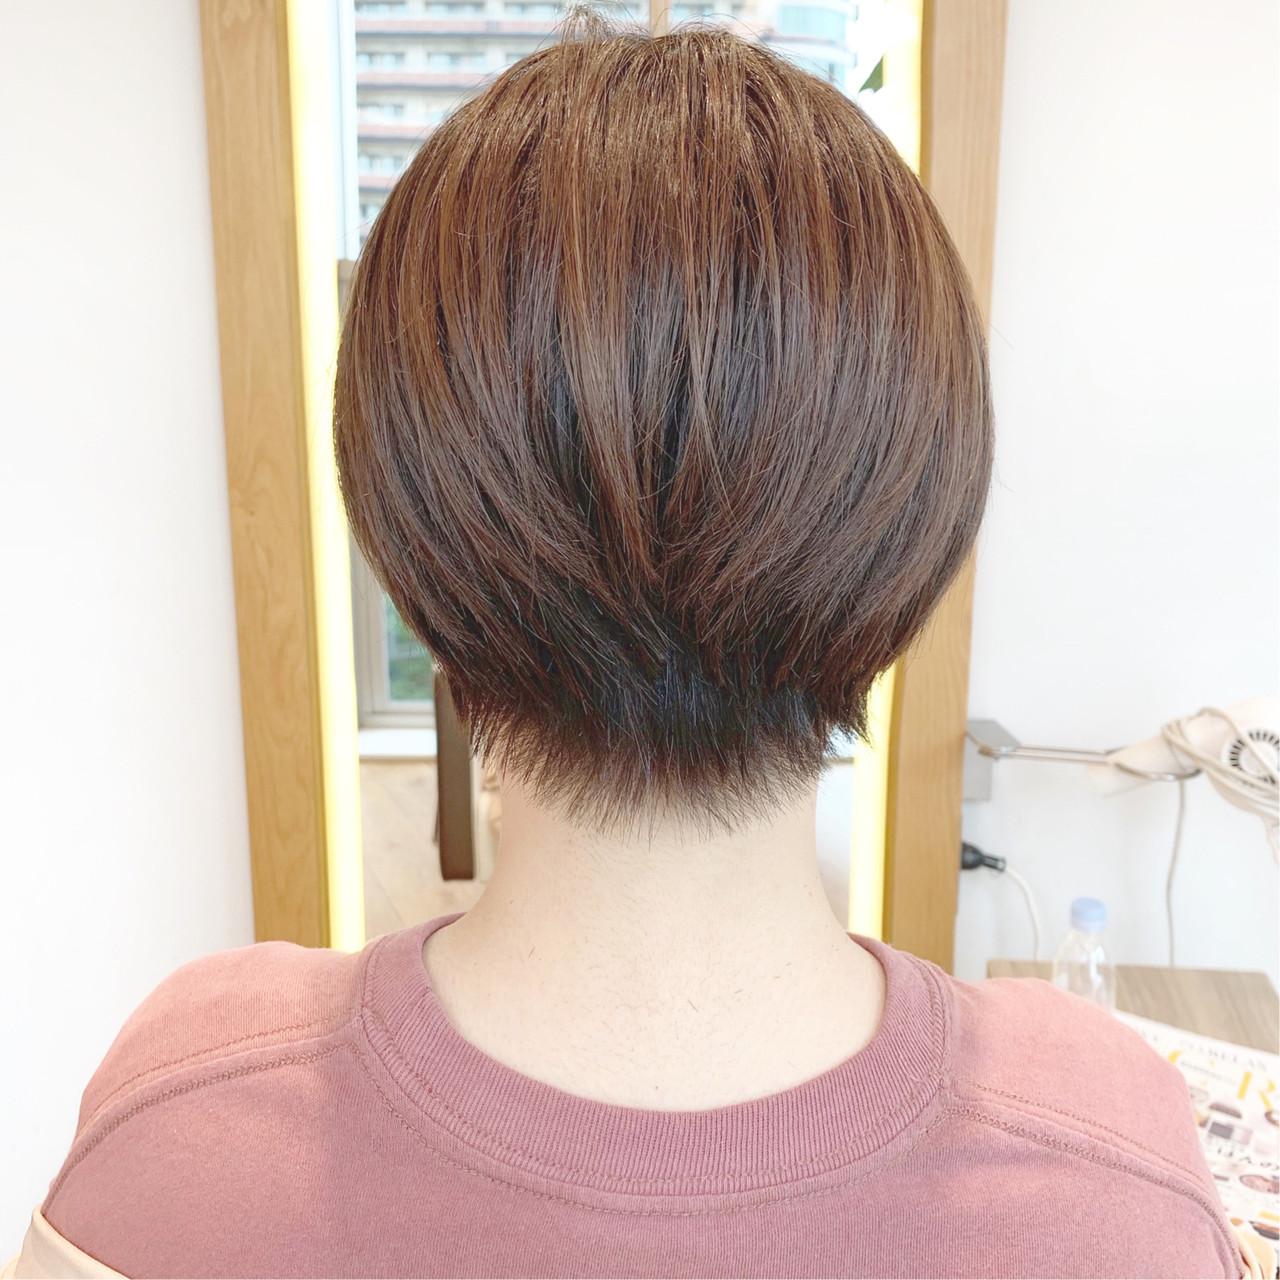 デート スポーツ ショート オフィス ヘアスタイルや髪型の写真・画像   ショートヘア美容師 #ナカイヒロキ / 『send by HAIR』